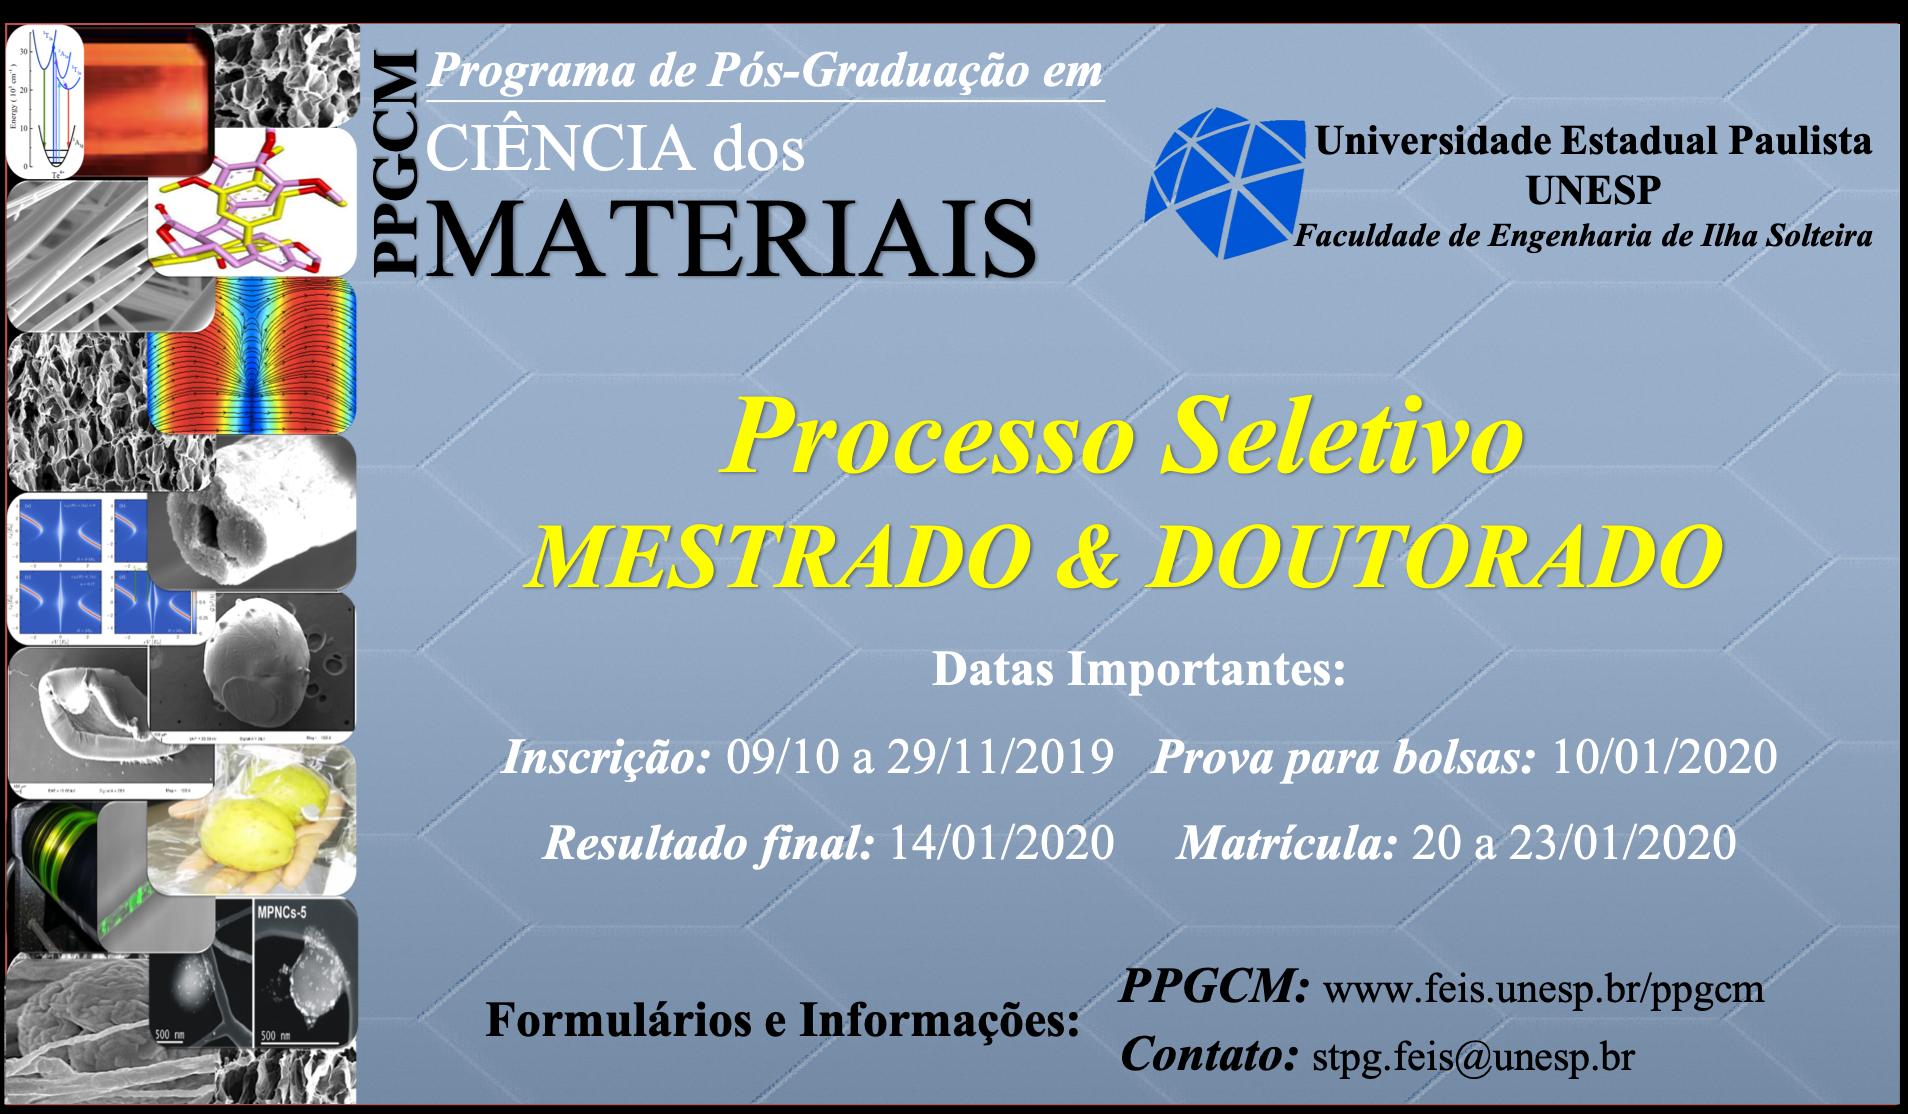 Programa De Pós Graduação Em Ciência Dos Materiais Ppgcm